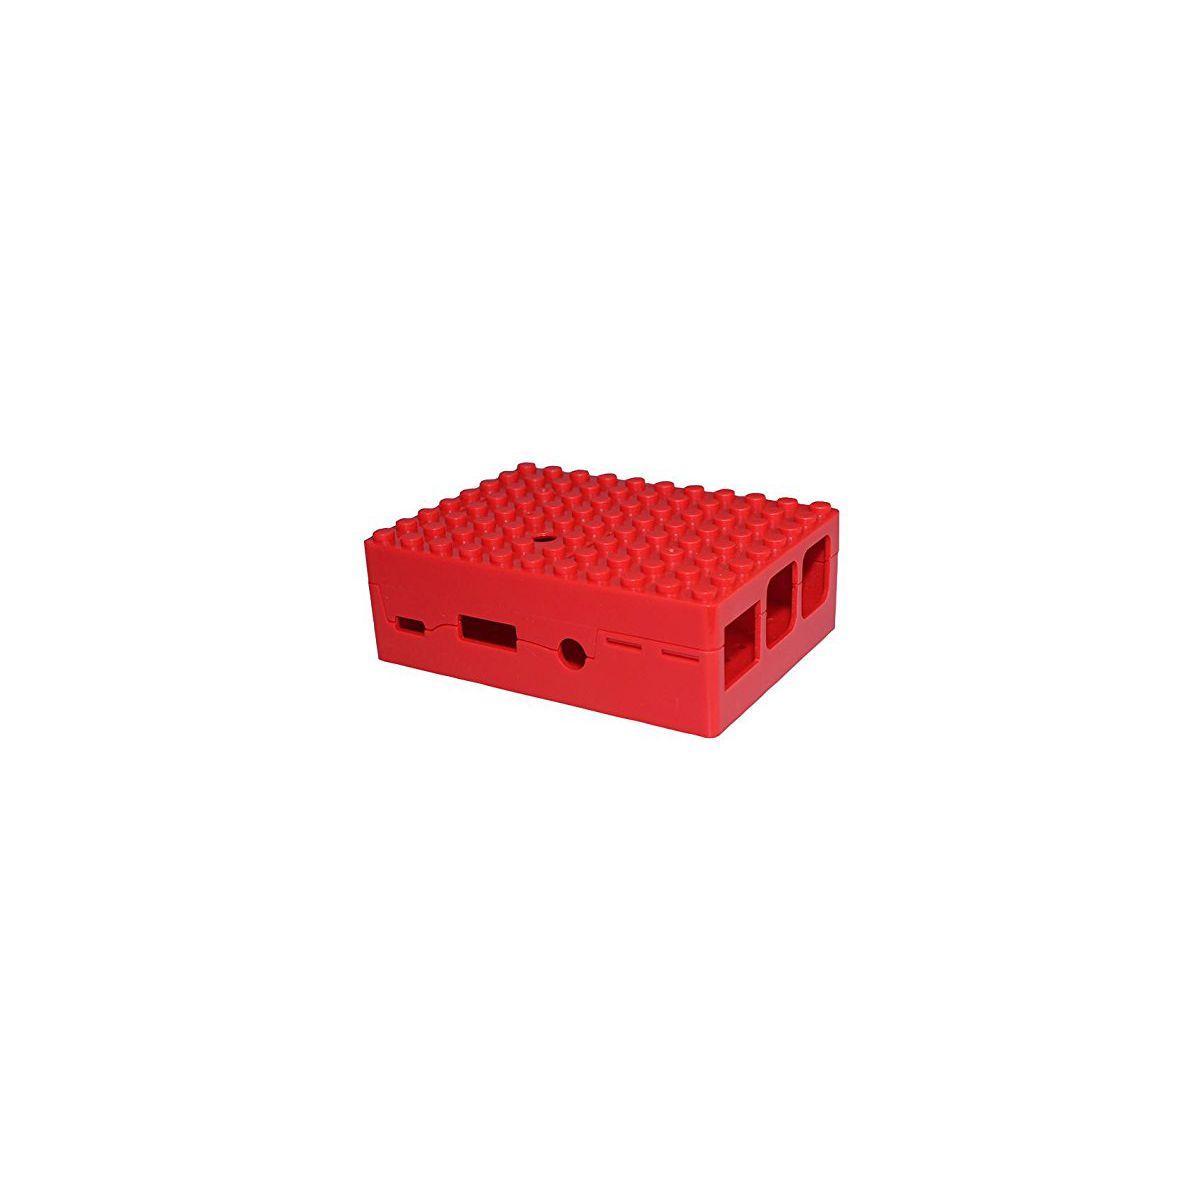 Boitier pc multicomp pi-blox rouge - 2% de remise imm�diate avec le code : school2 (photo)